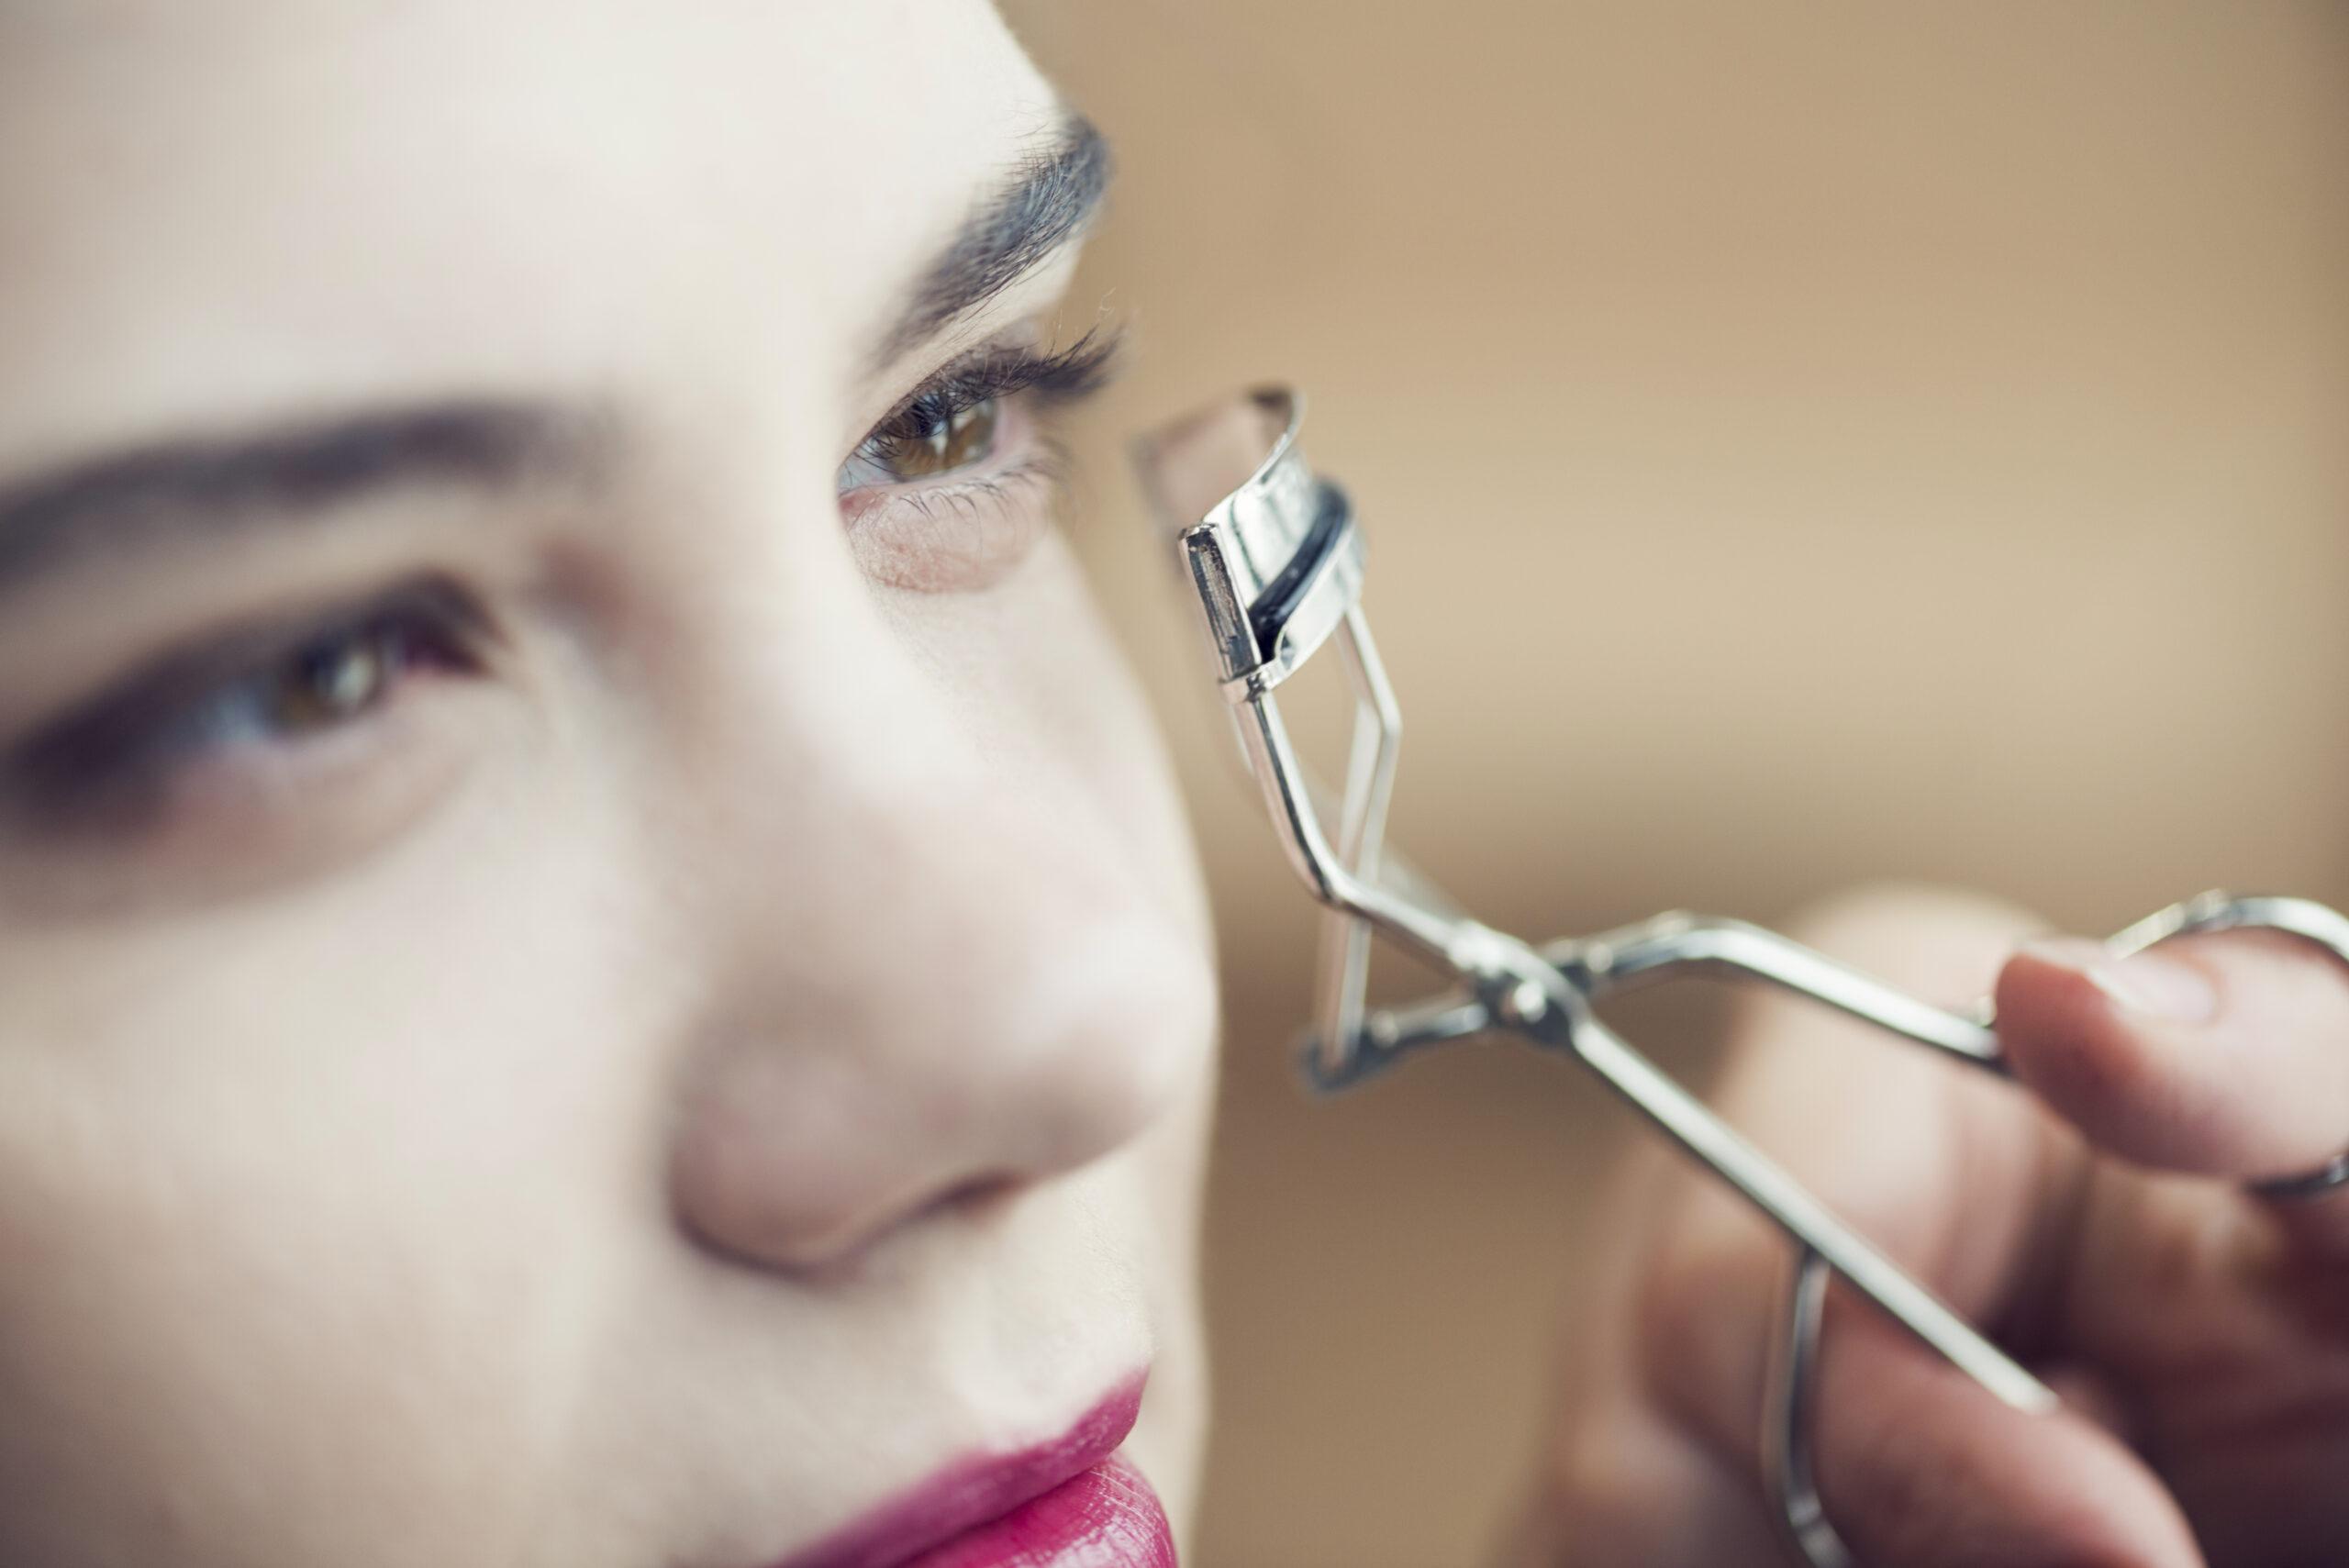 The Best of Eyelash Curler ที่ดัดขนตาที่ดีที่สุด พร้อมกับรีวิวจากผู้ใช้จริง!!